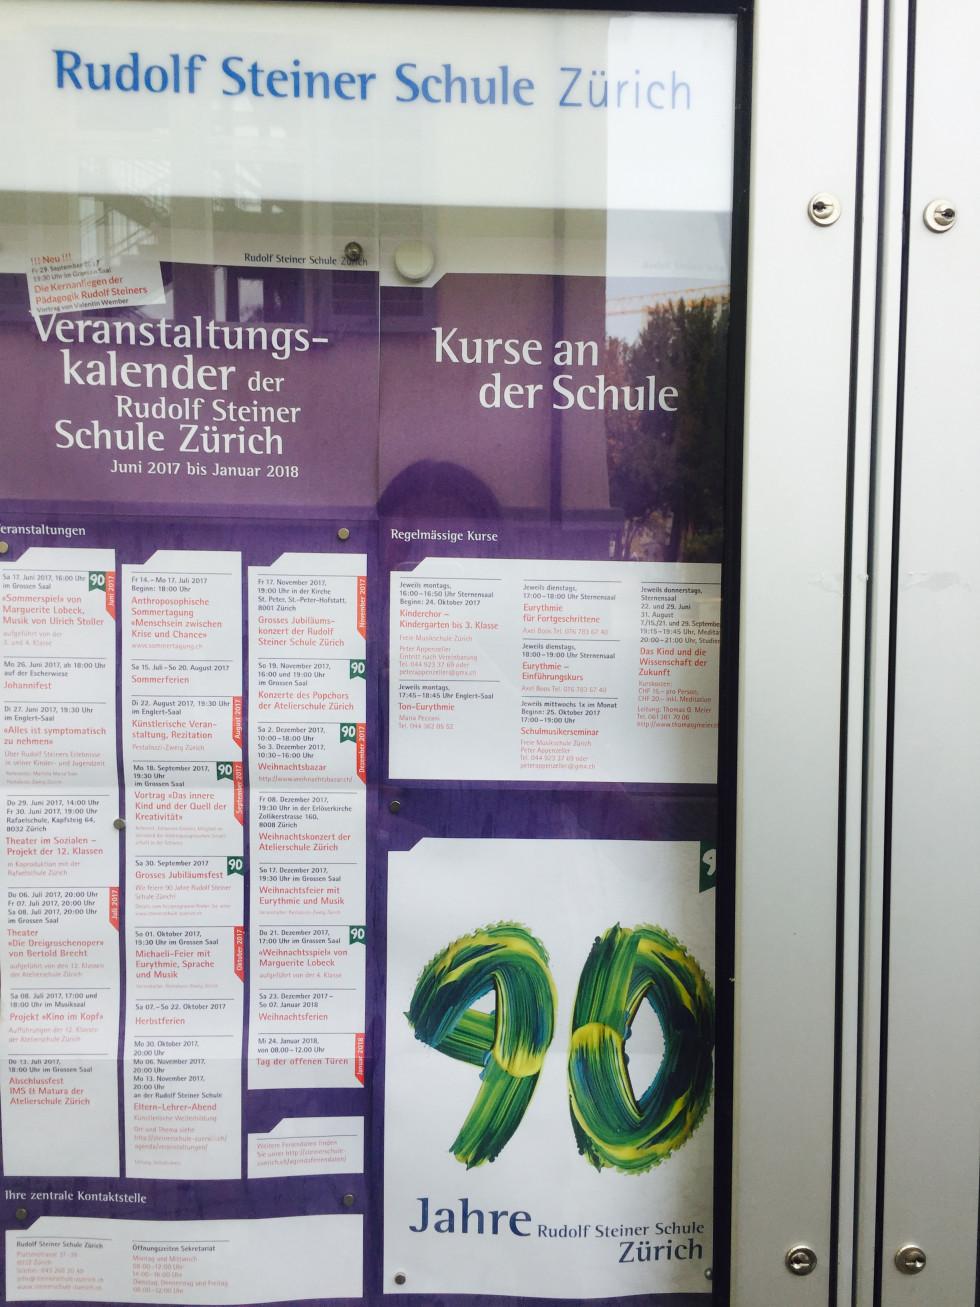 Школа Рудольфа Штайнера в Цюриху цього року святкуватиме 90-річчя